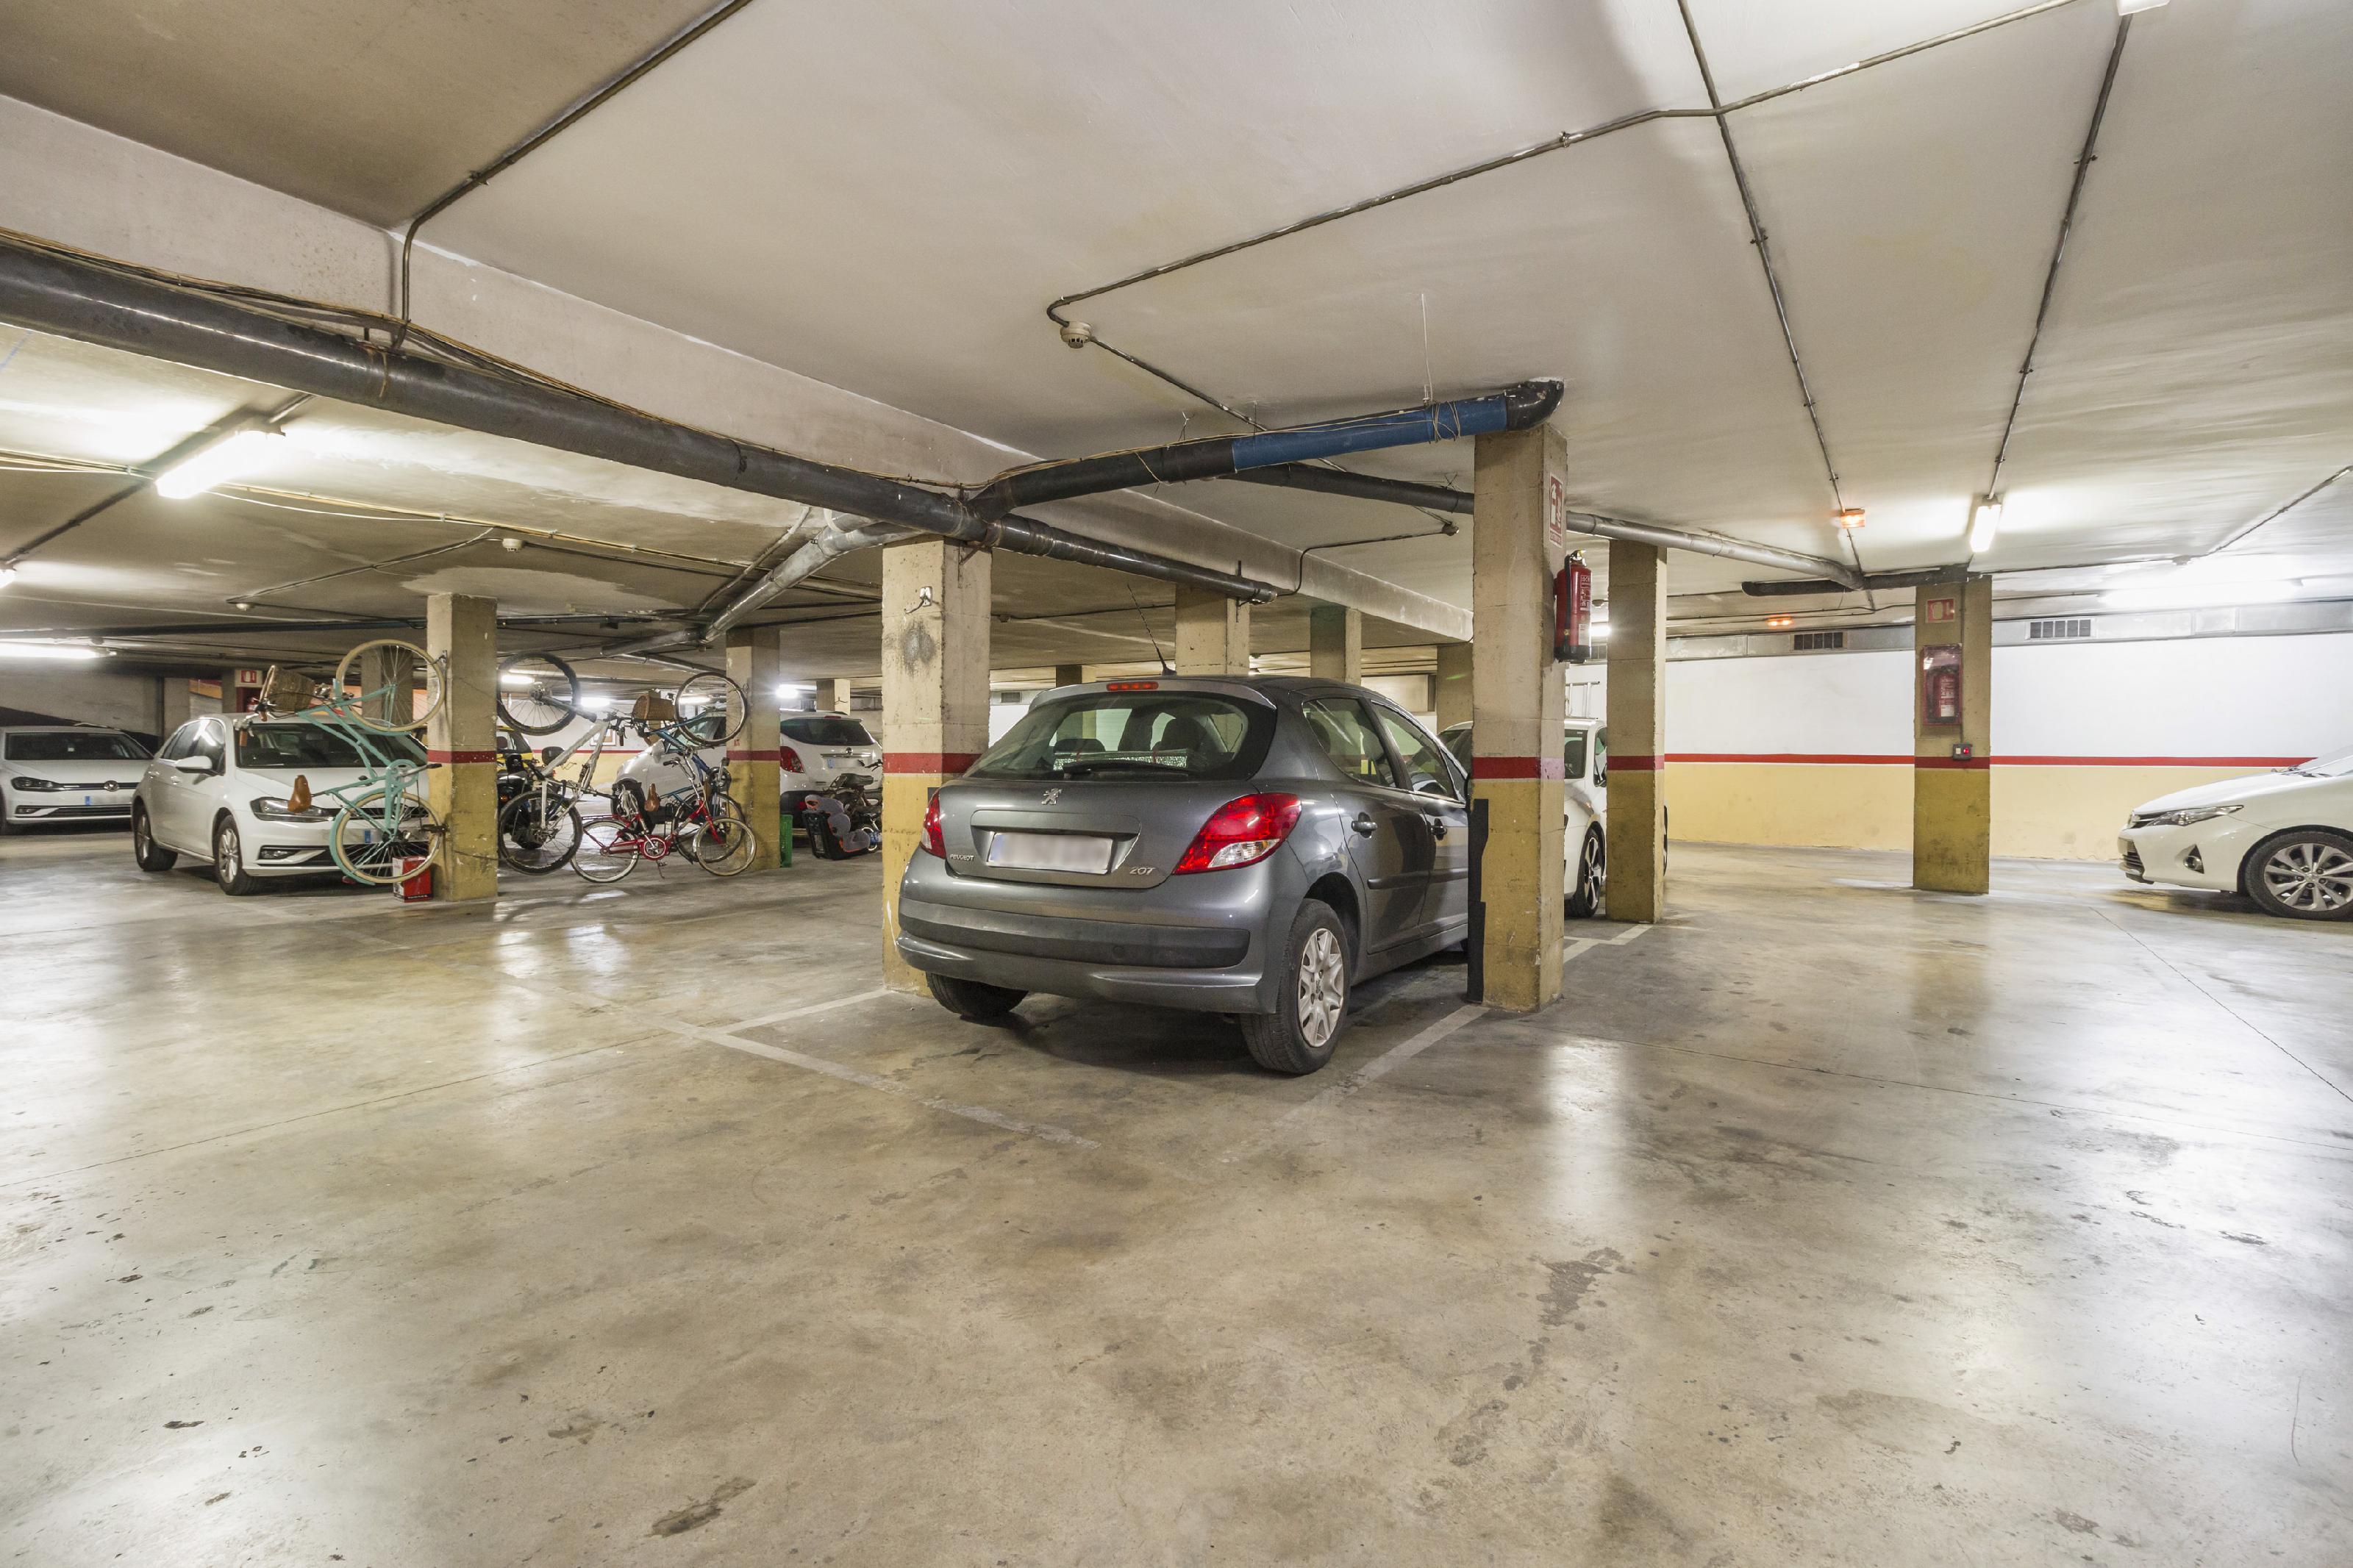 Imagen 3 Parking Coche en venta en Vilanova I La Geltrú / Josep Coroleu, próximo a piscina municipal.